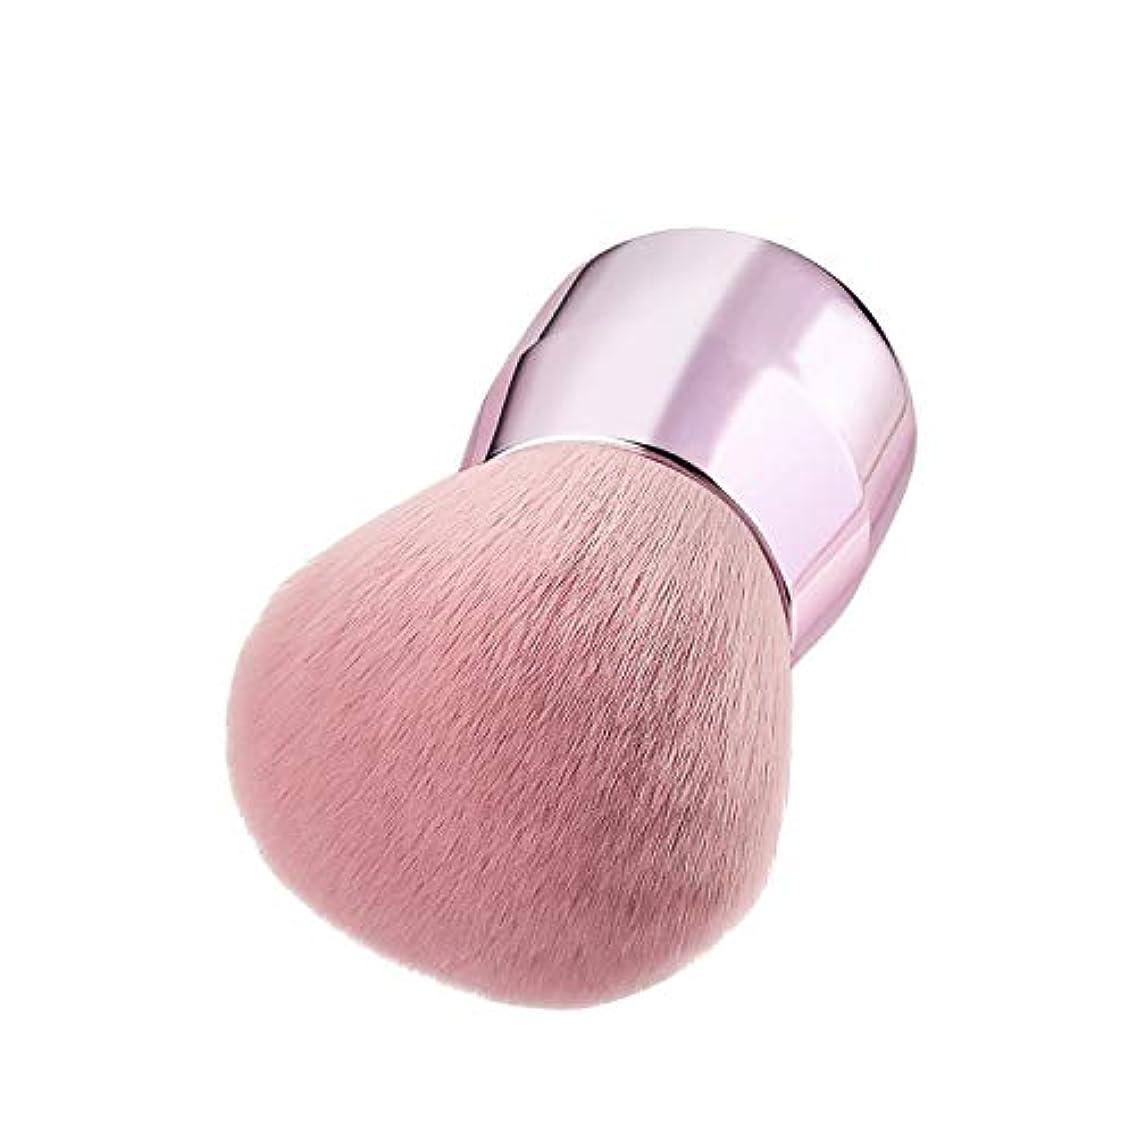 ぞっとするような買い物に行く除去Makeup brushes きのこの頭の自由な粉のブラシの携帯用宣言的な構造のブラシ蜂蜜の粉の構造の粉のブラシのブラシ1つ suits (Color : Rose Gold)